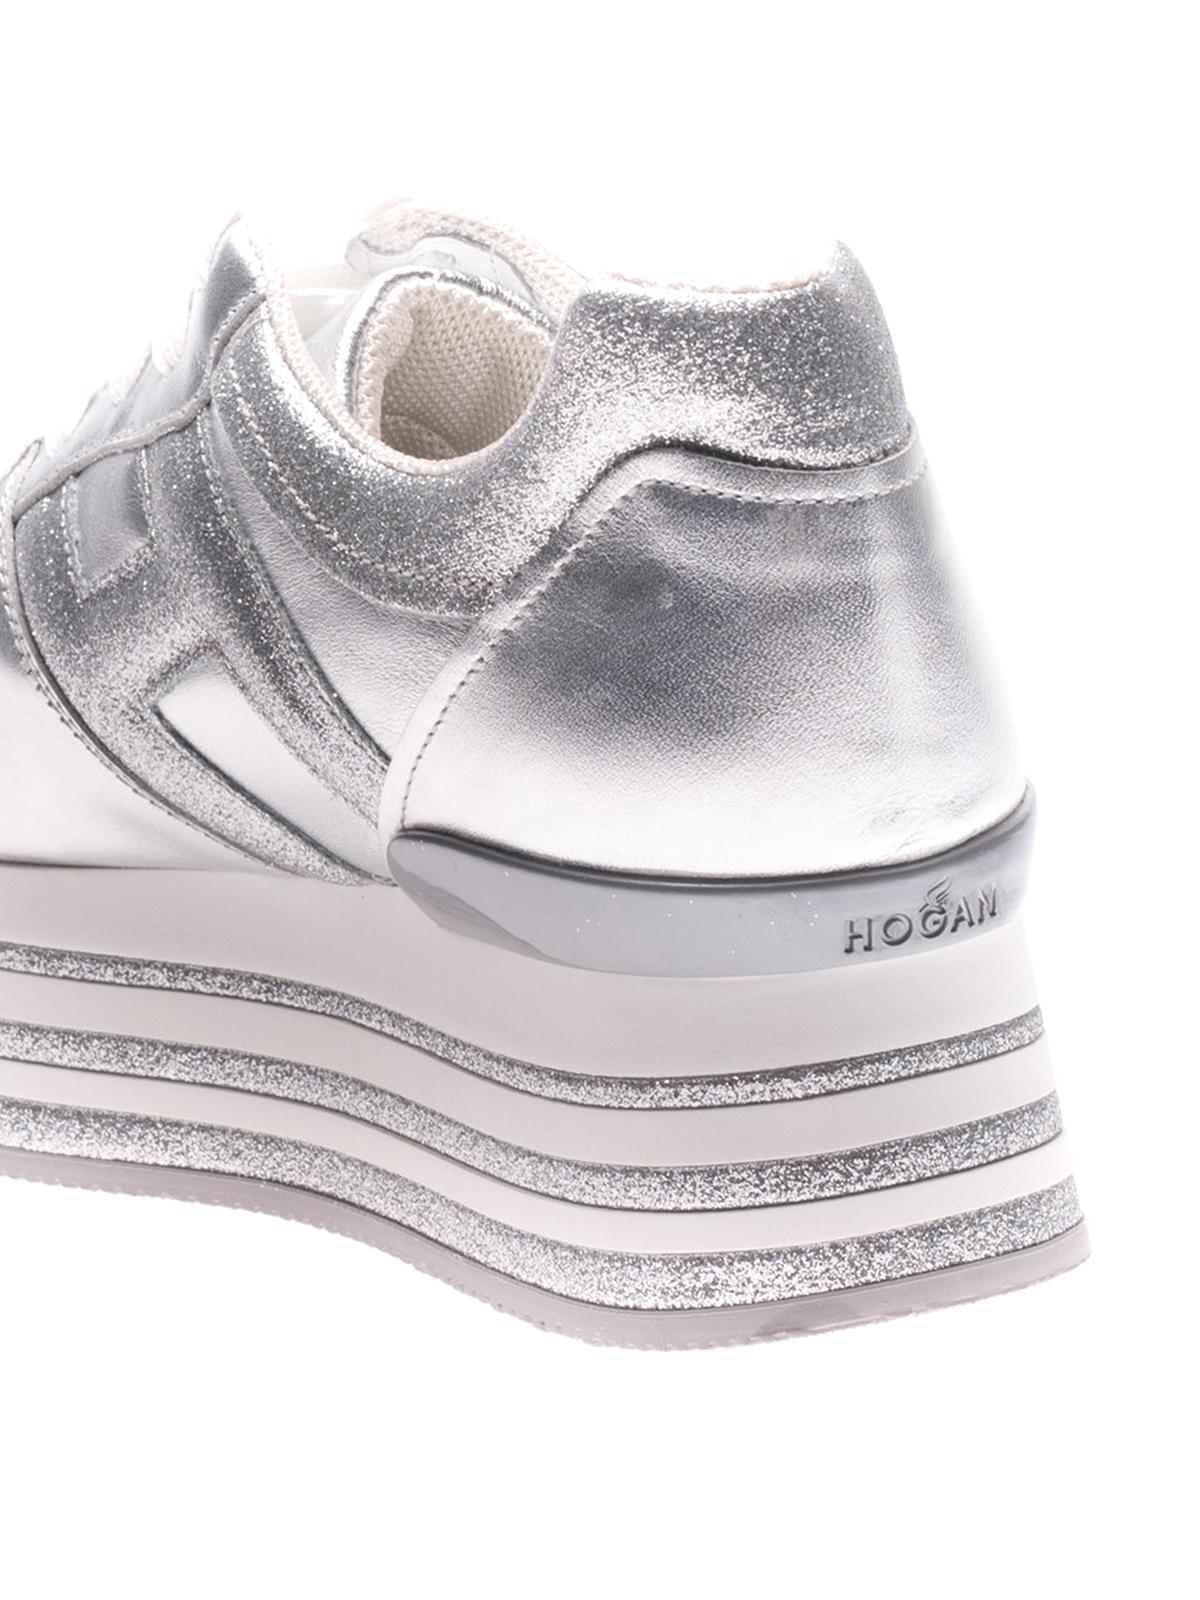 H368 lace-up platform sneakers shop online: Hogan